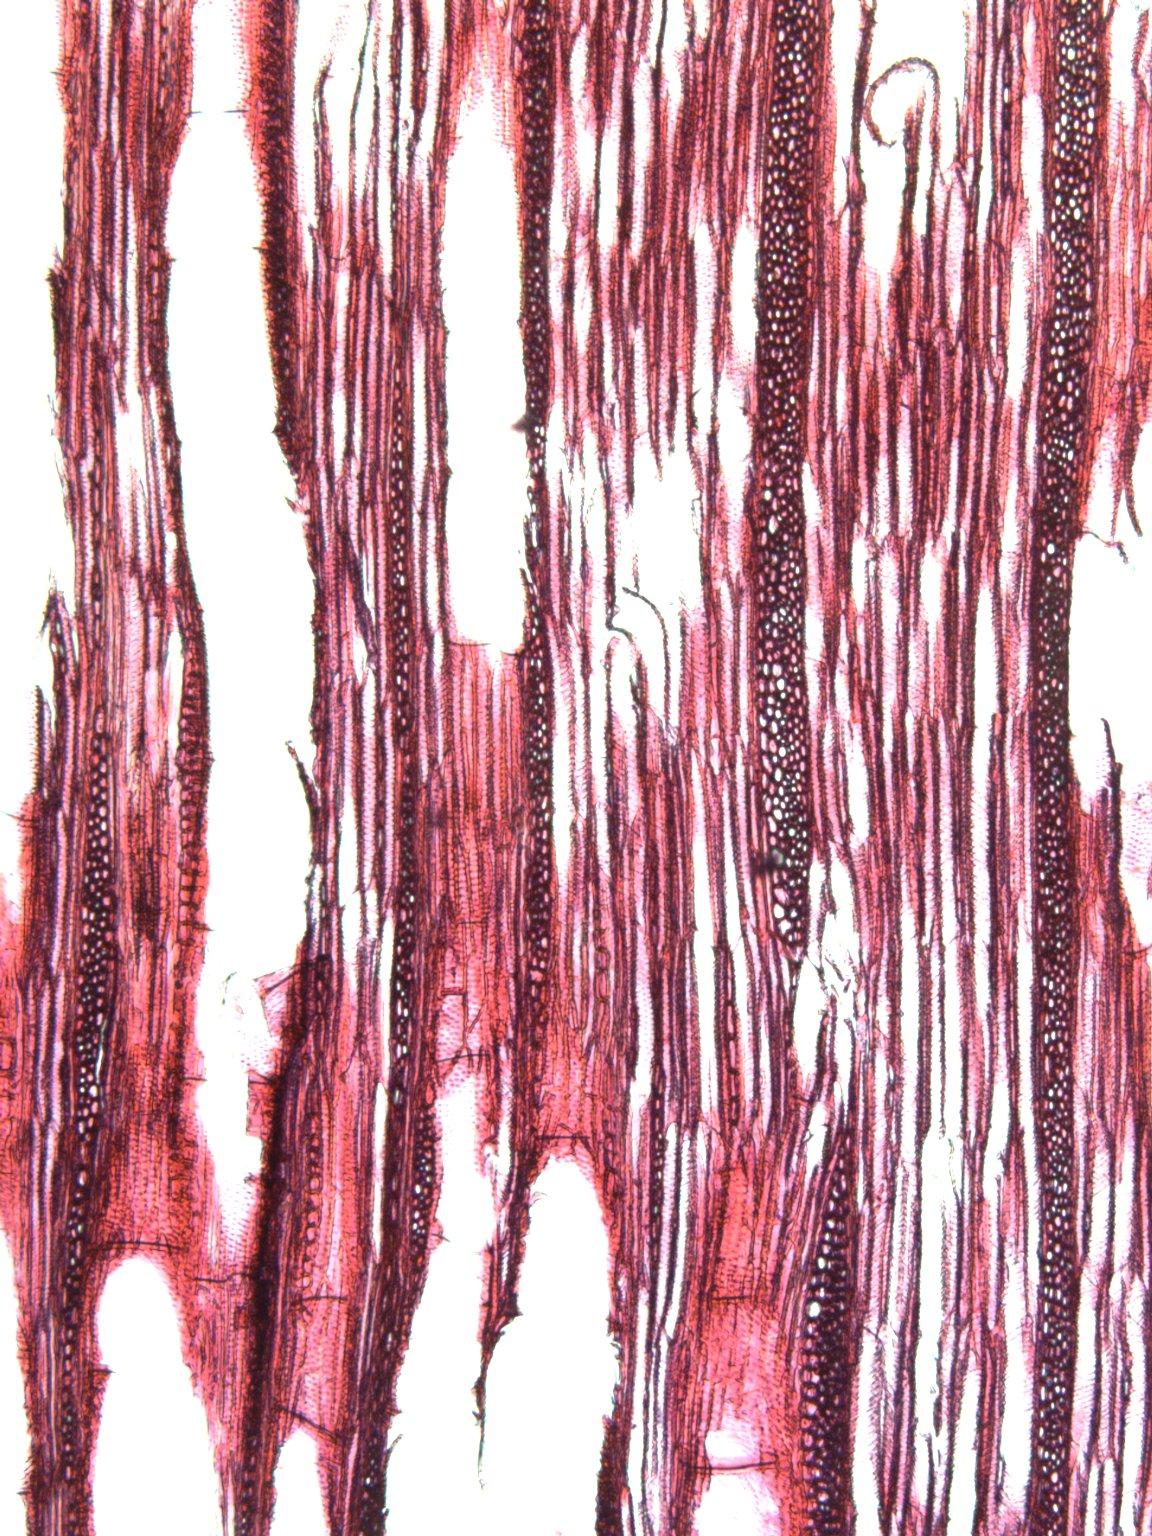 BIGNONIACEAE Bignonia capreolata